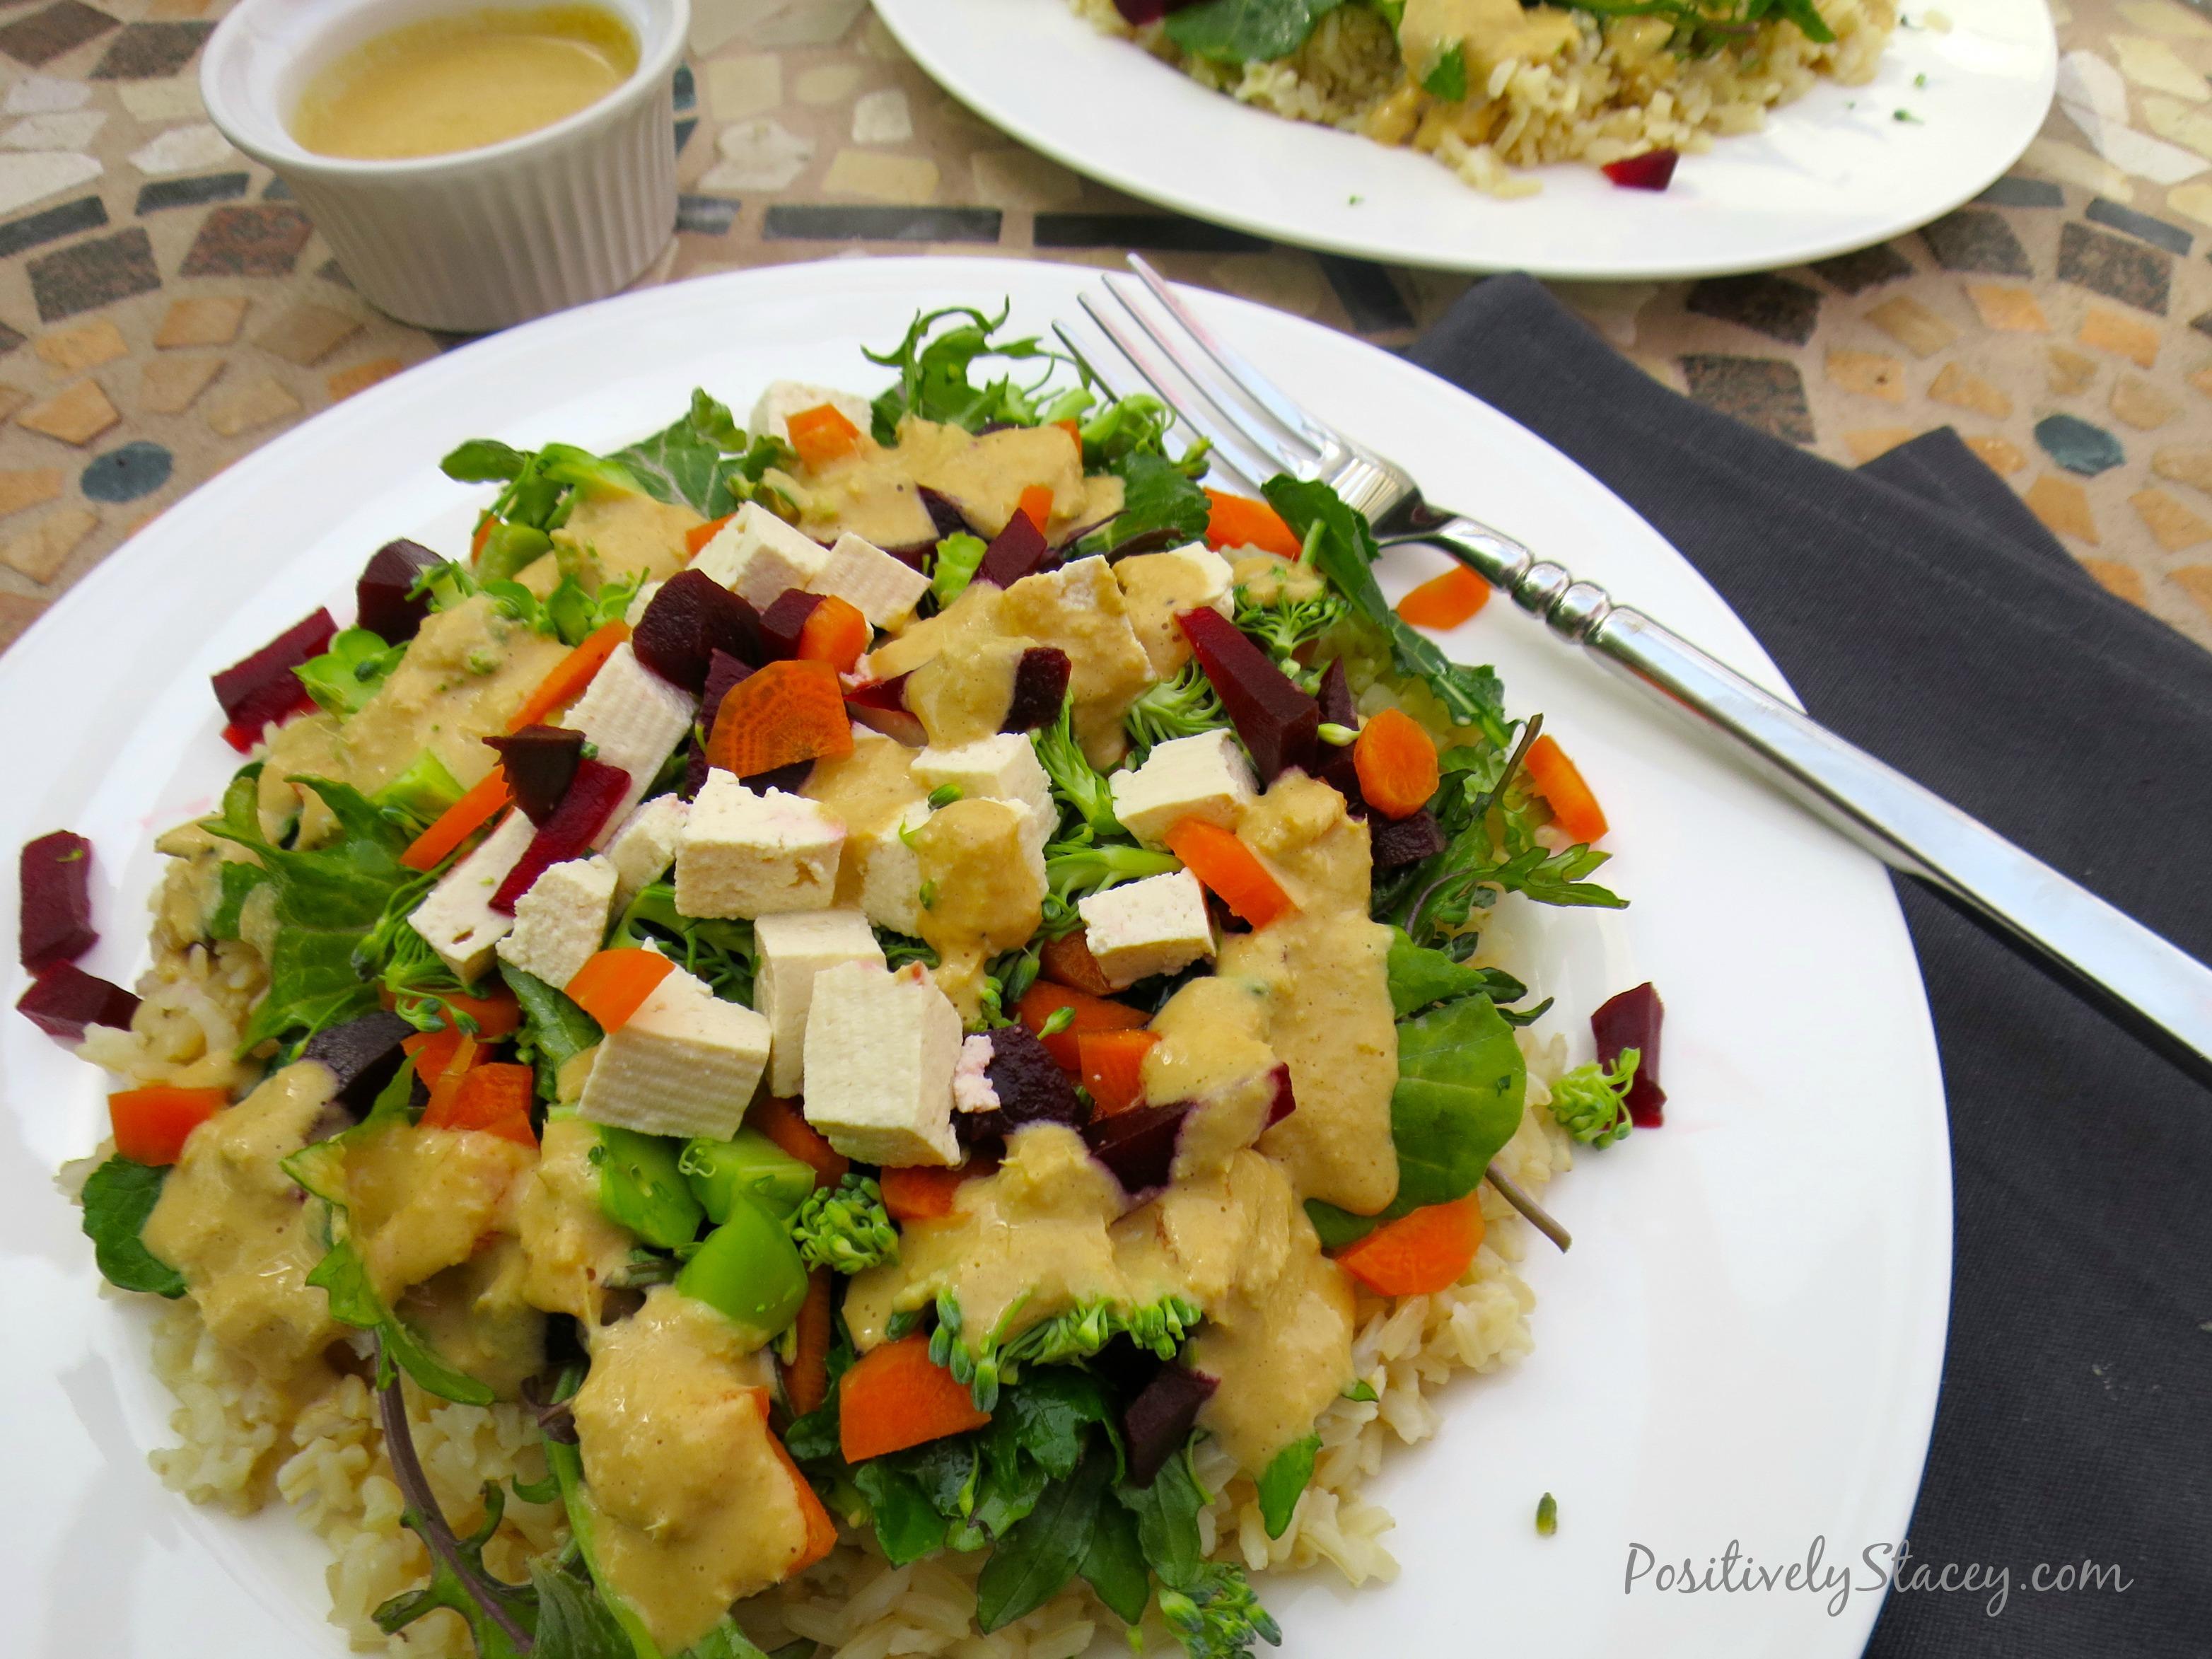 The Goddess Life Alive Salad